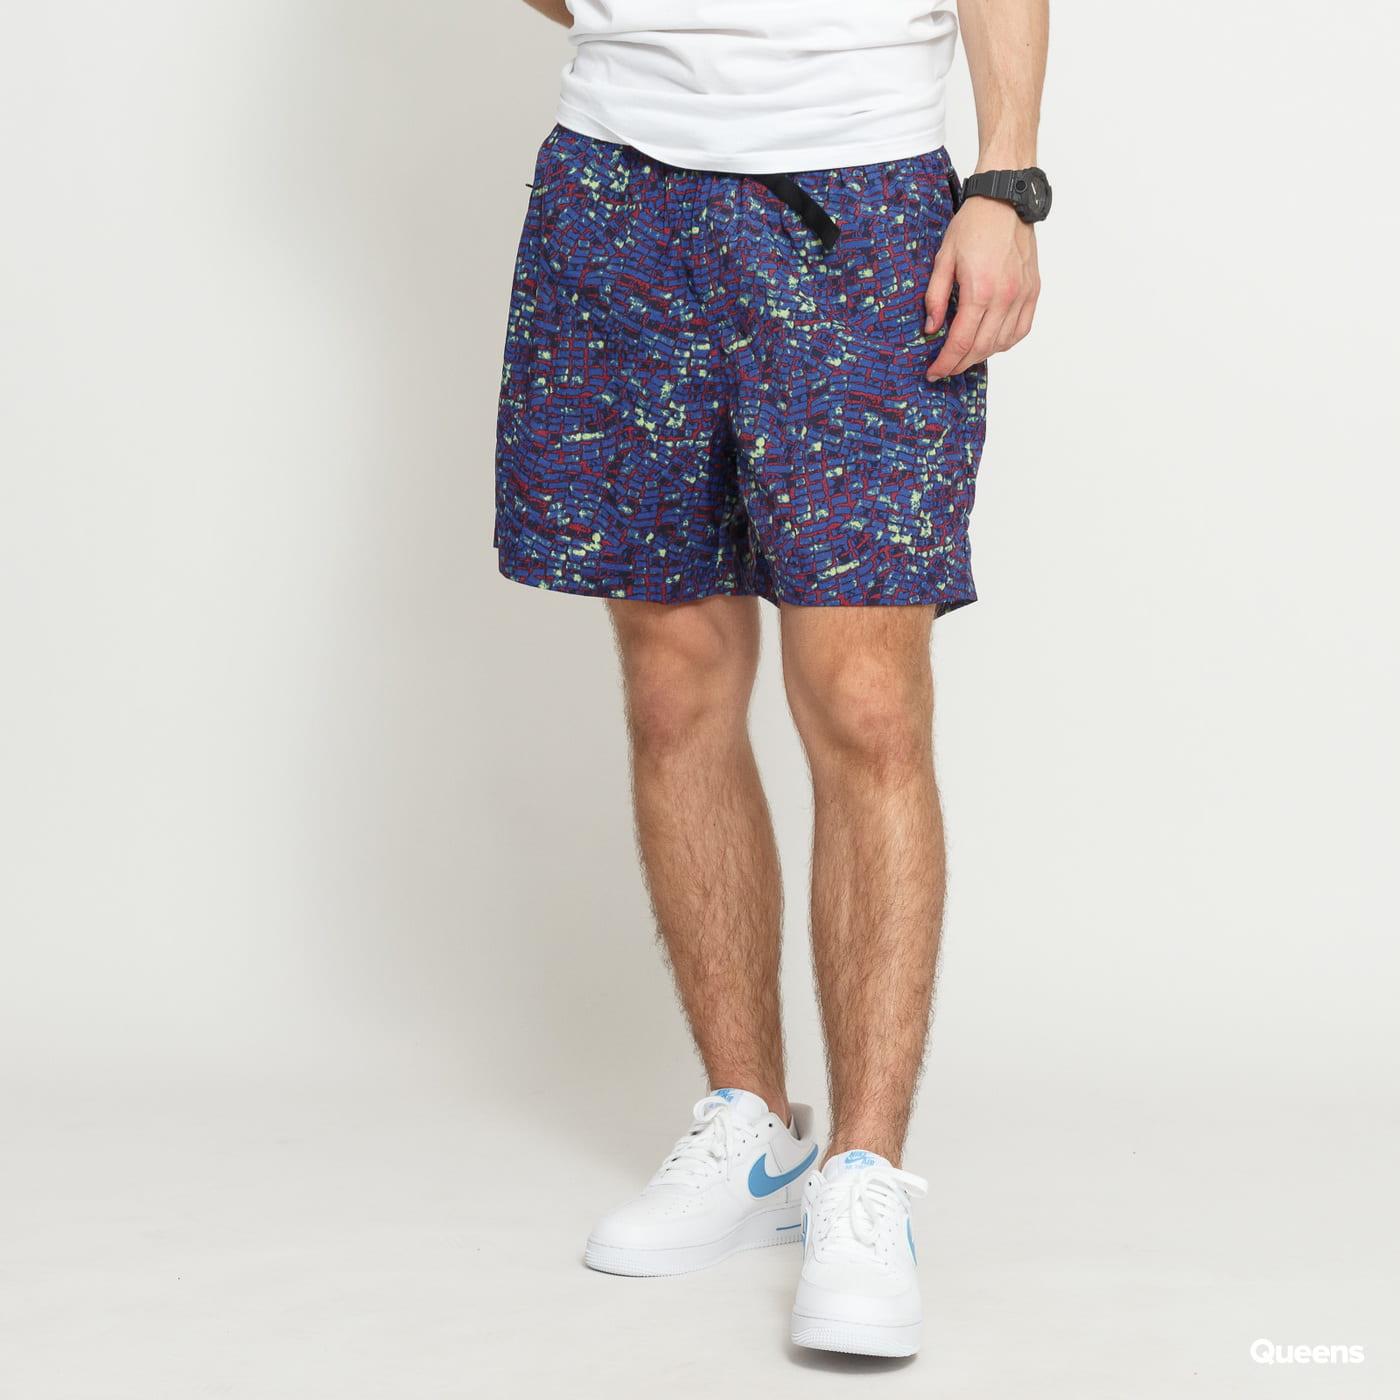 nike shorts 2